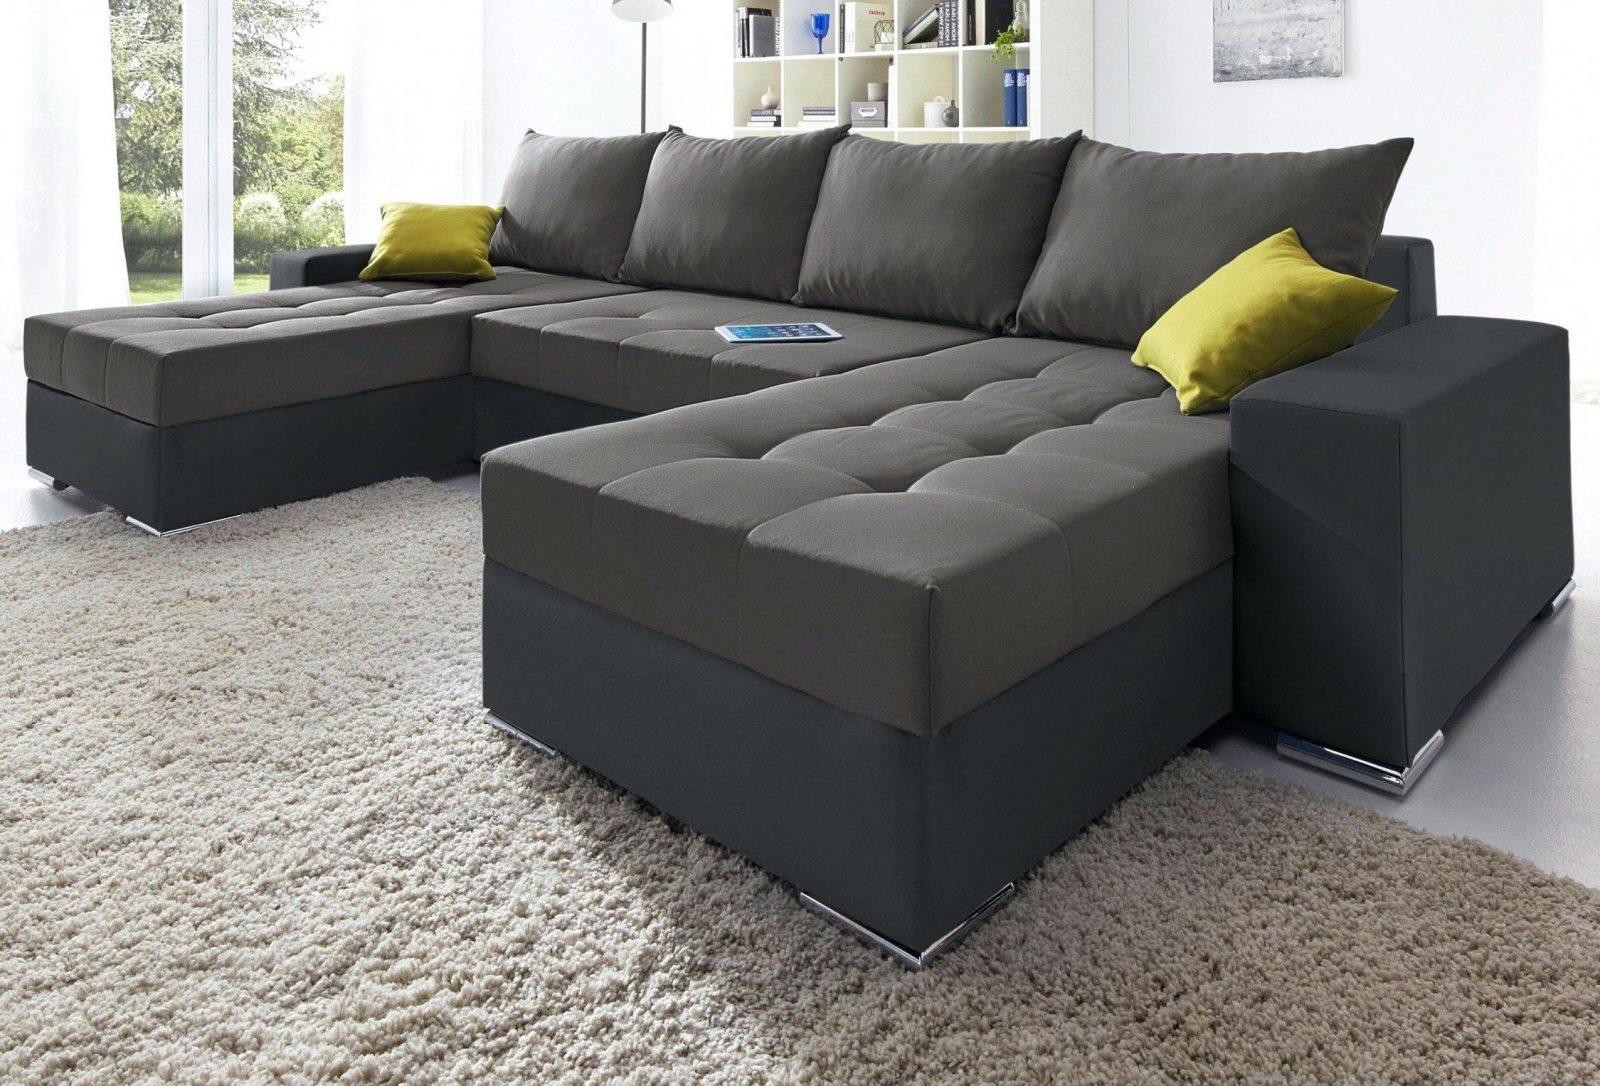 Couch Federkern Struktur Sofa Schaumstoff Reparieren Oder Schaum von Sofa Federkern Reparieren Kosten Bild